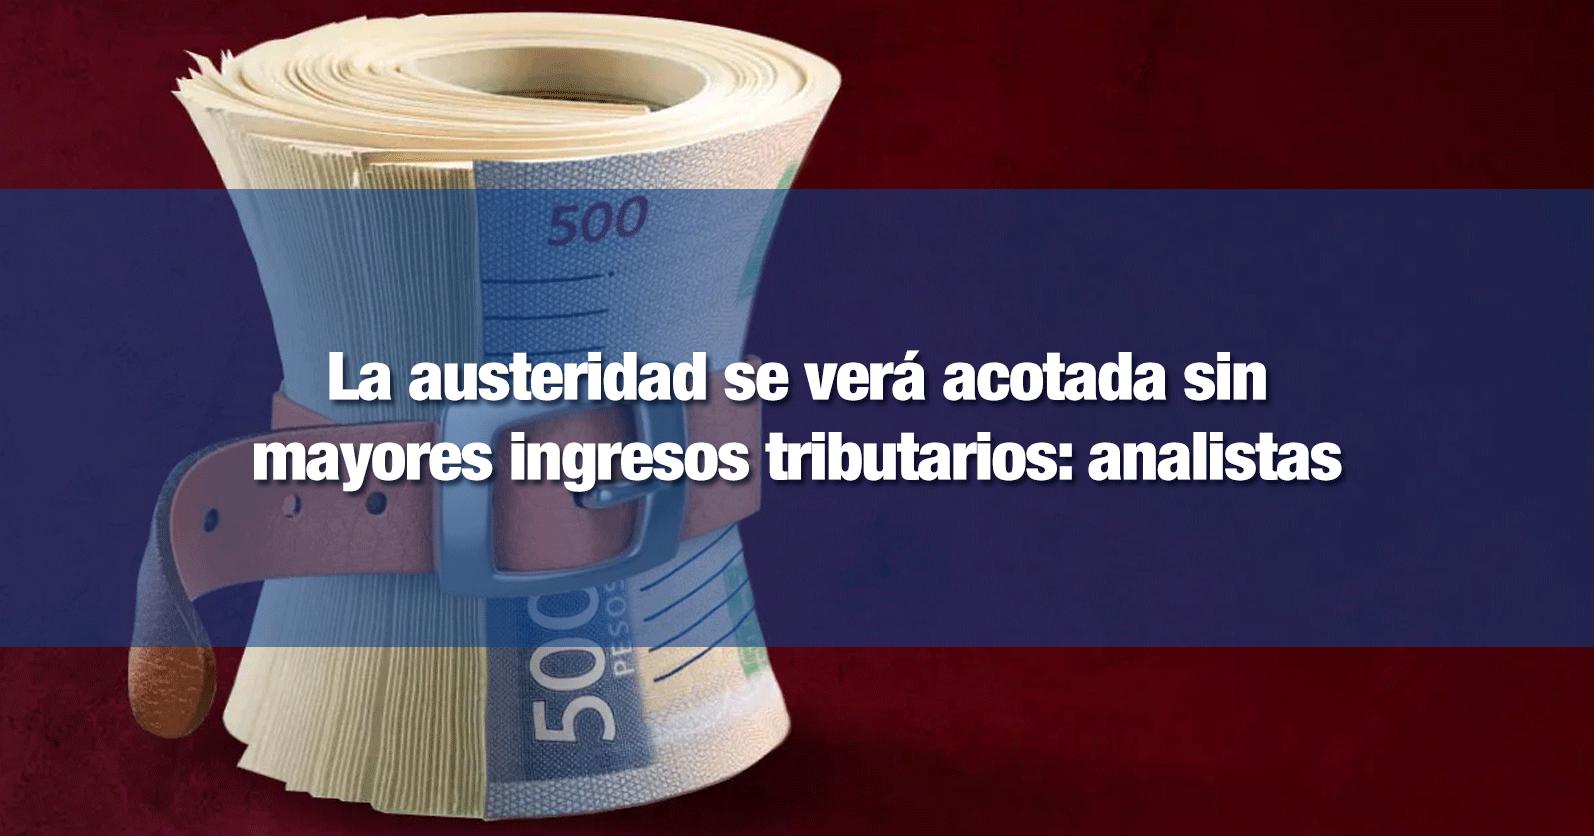 La austeridad se verá acotada sin mayores ingresos tributarios: analistas